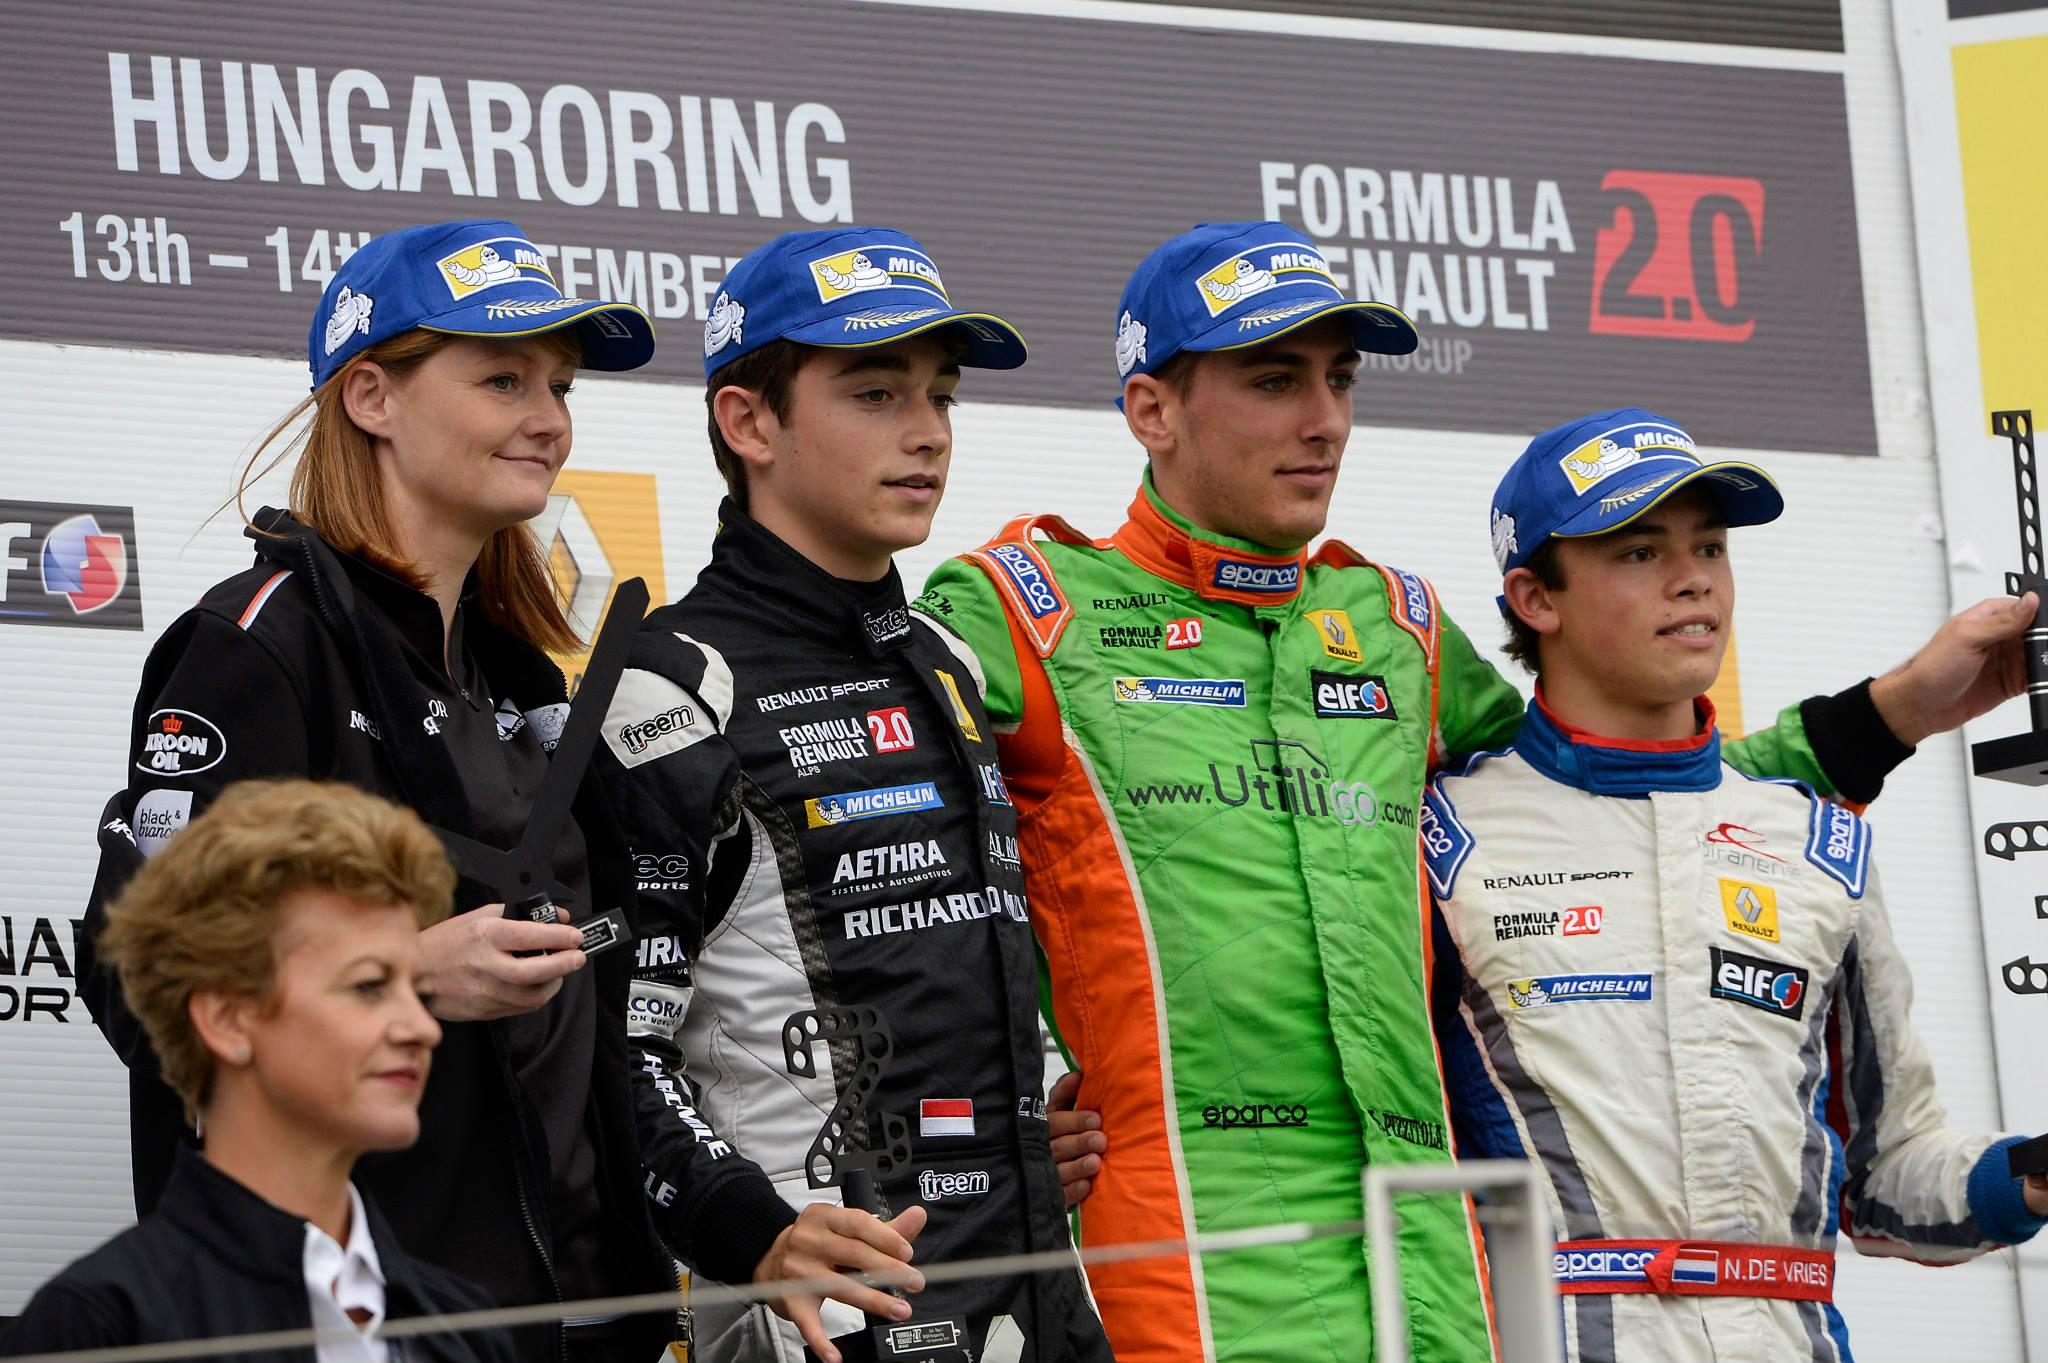 Eurocup 2014 - Hungaroring : Charles en abonné au podium !